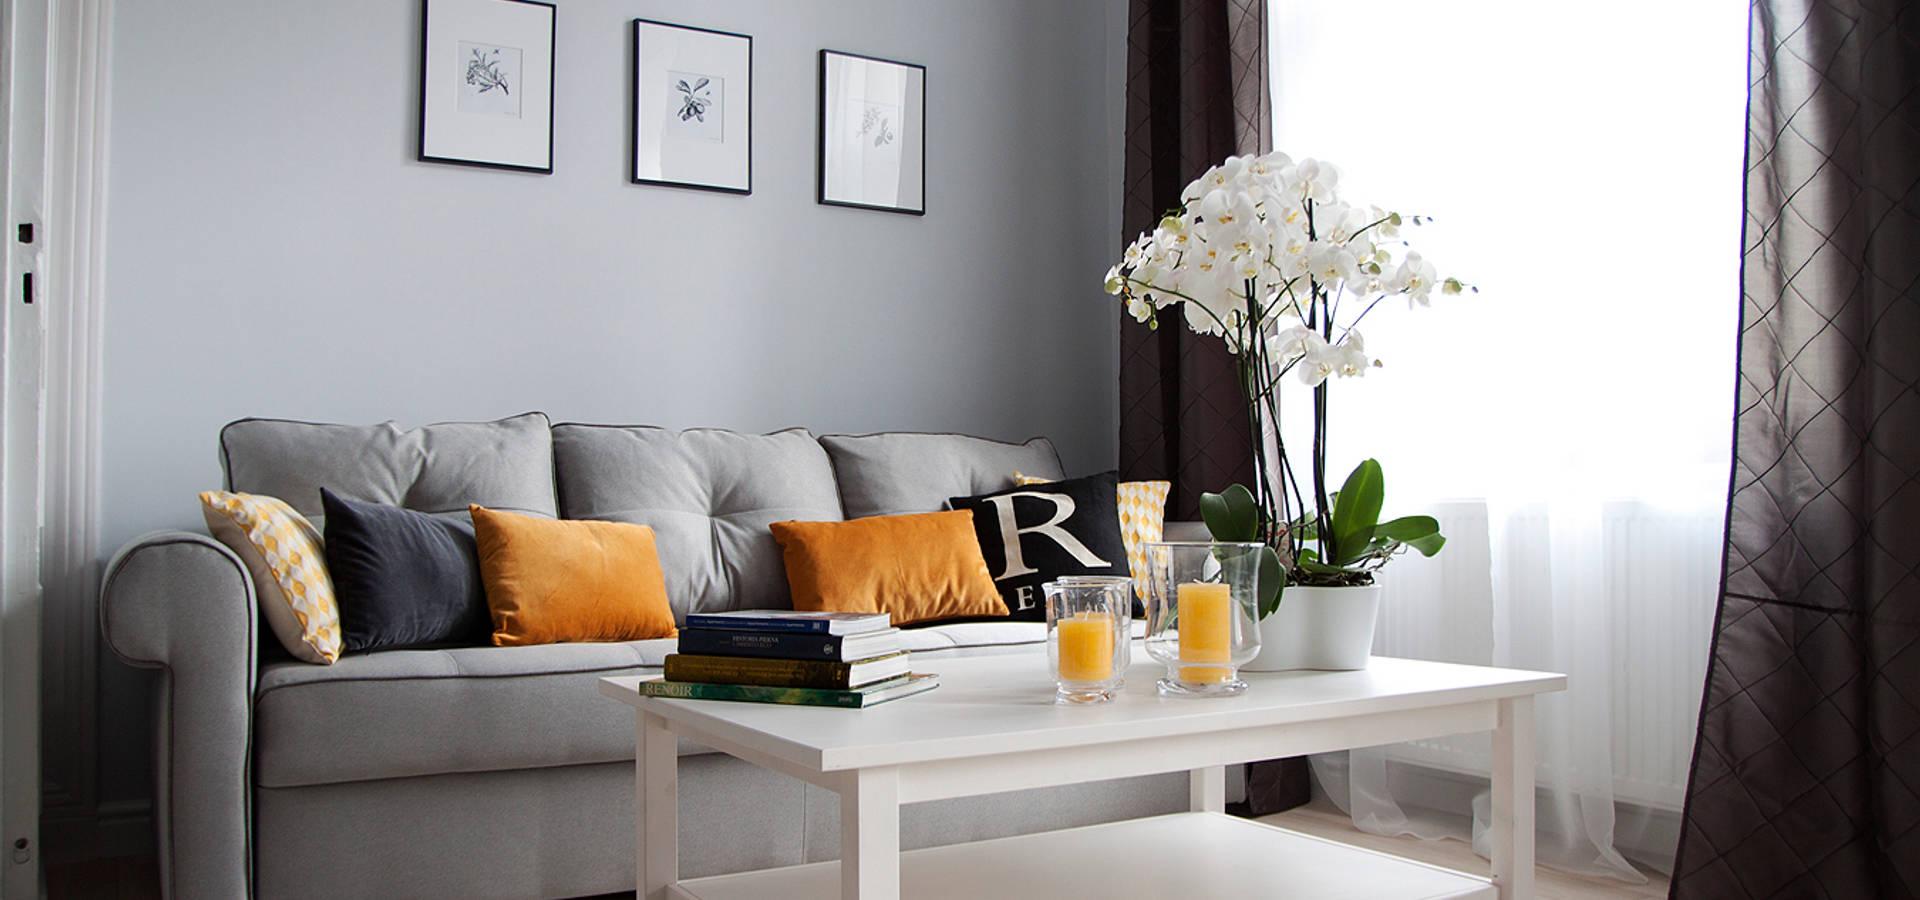 Grey shade interiors